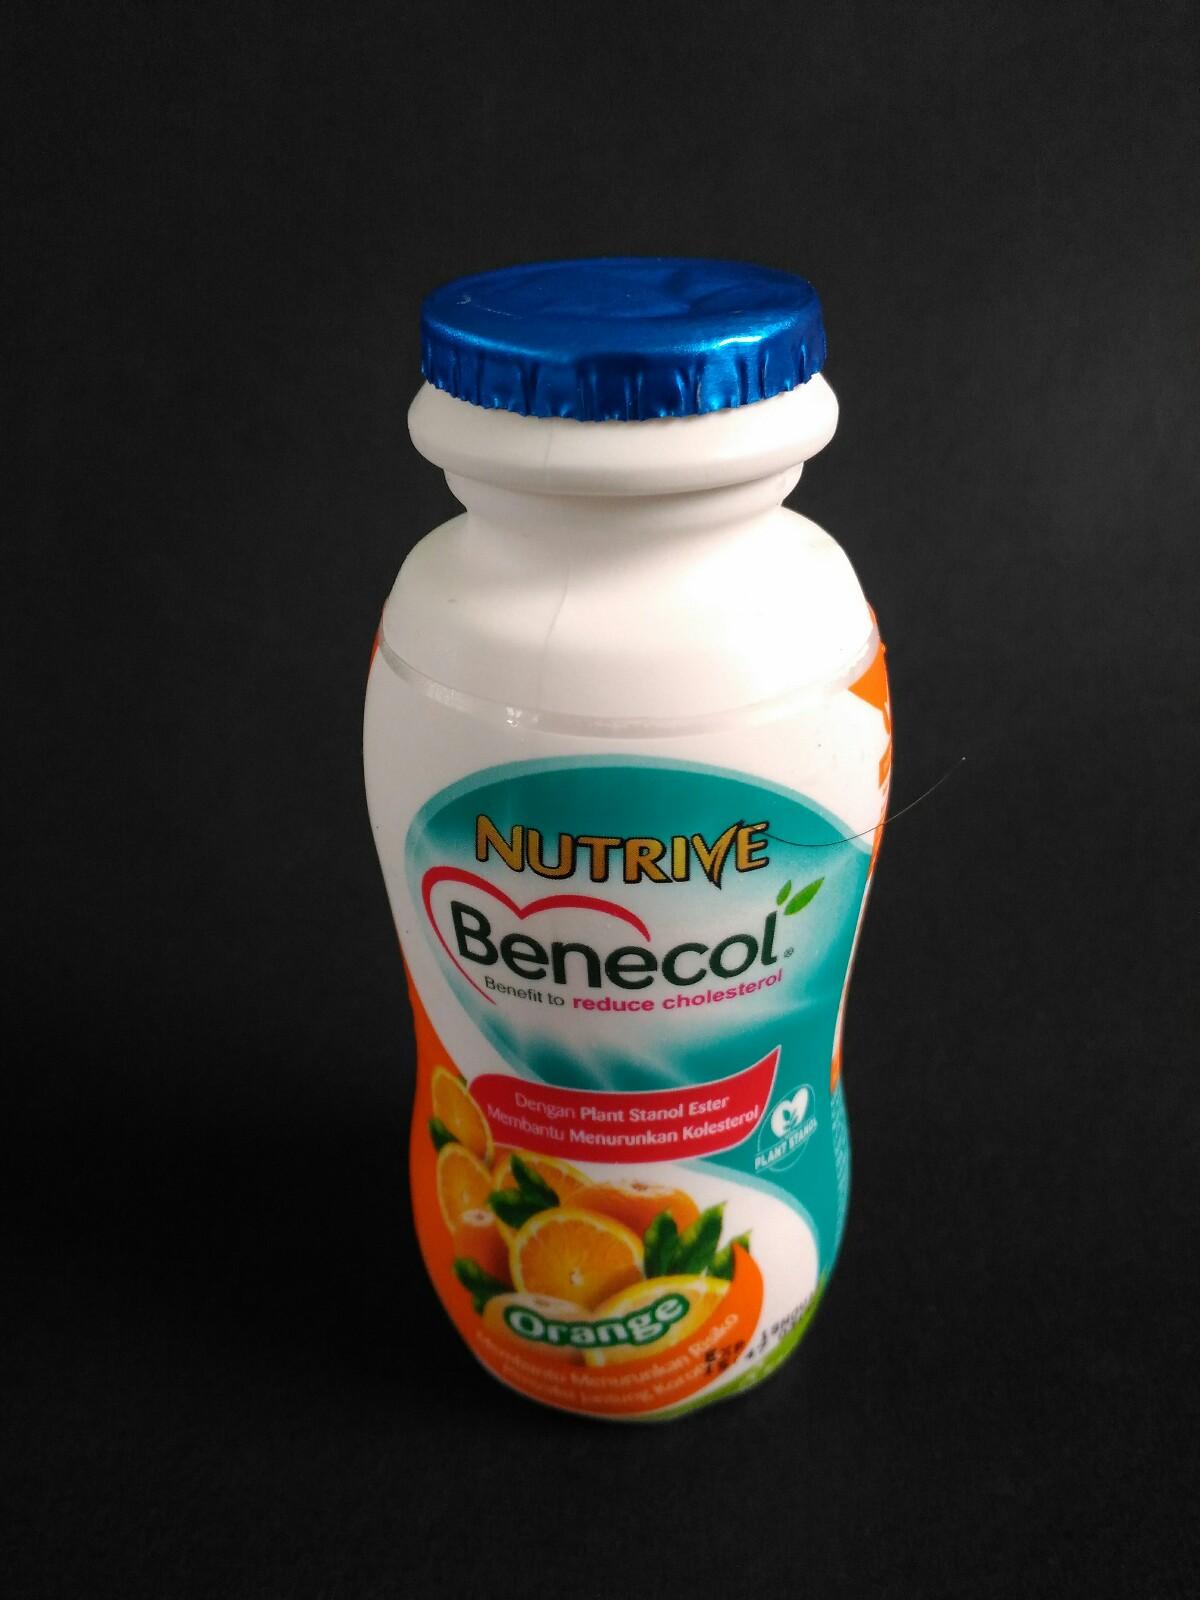 smoothie Nutrive Benecol